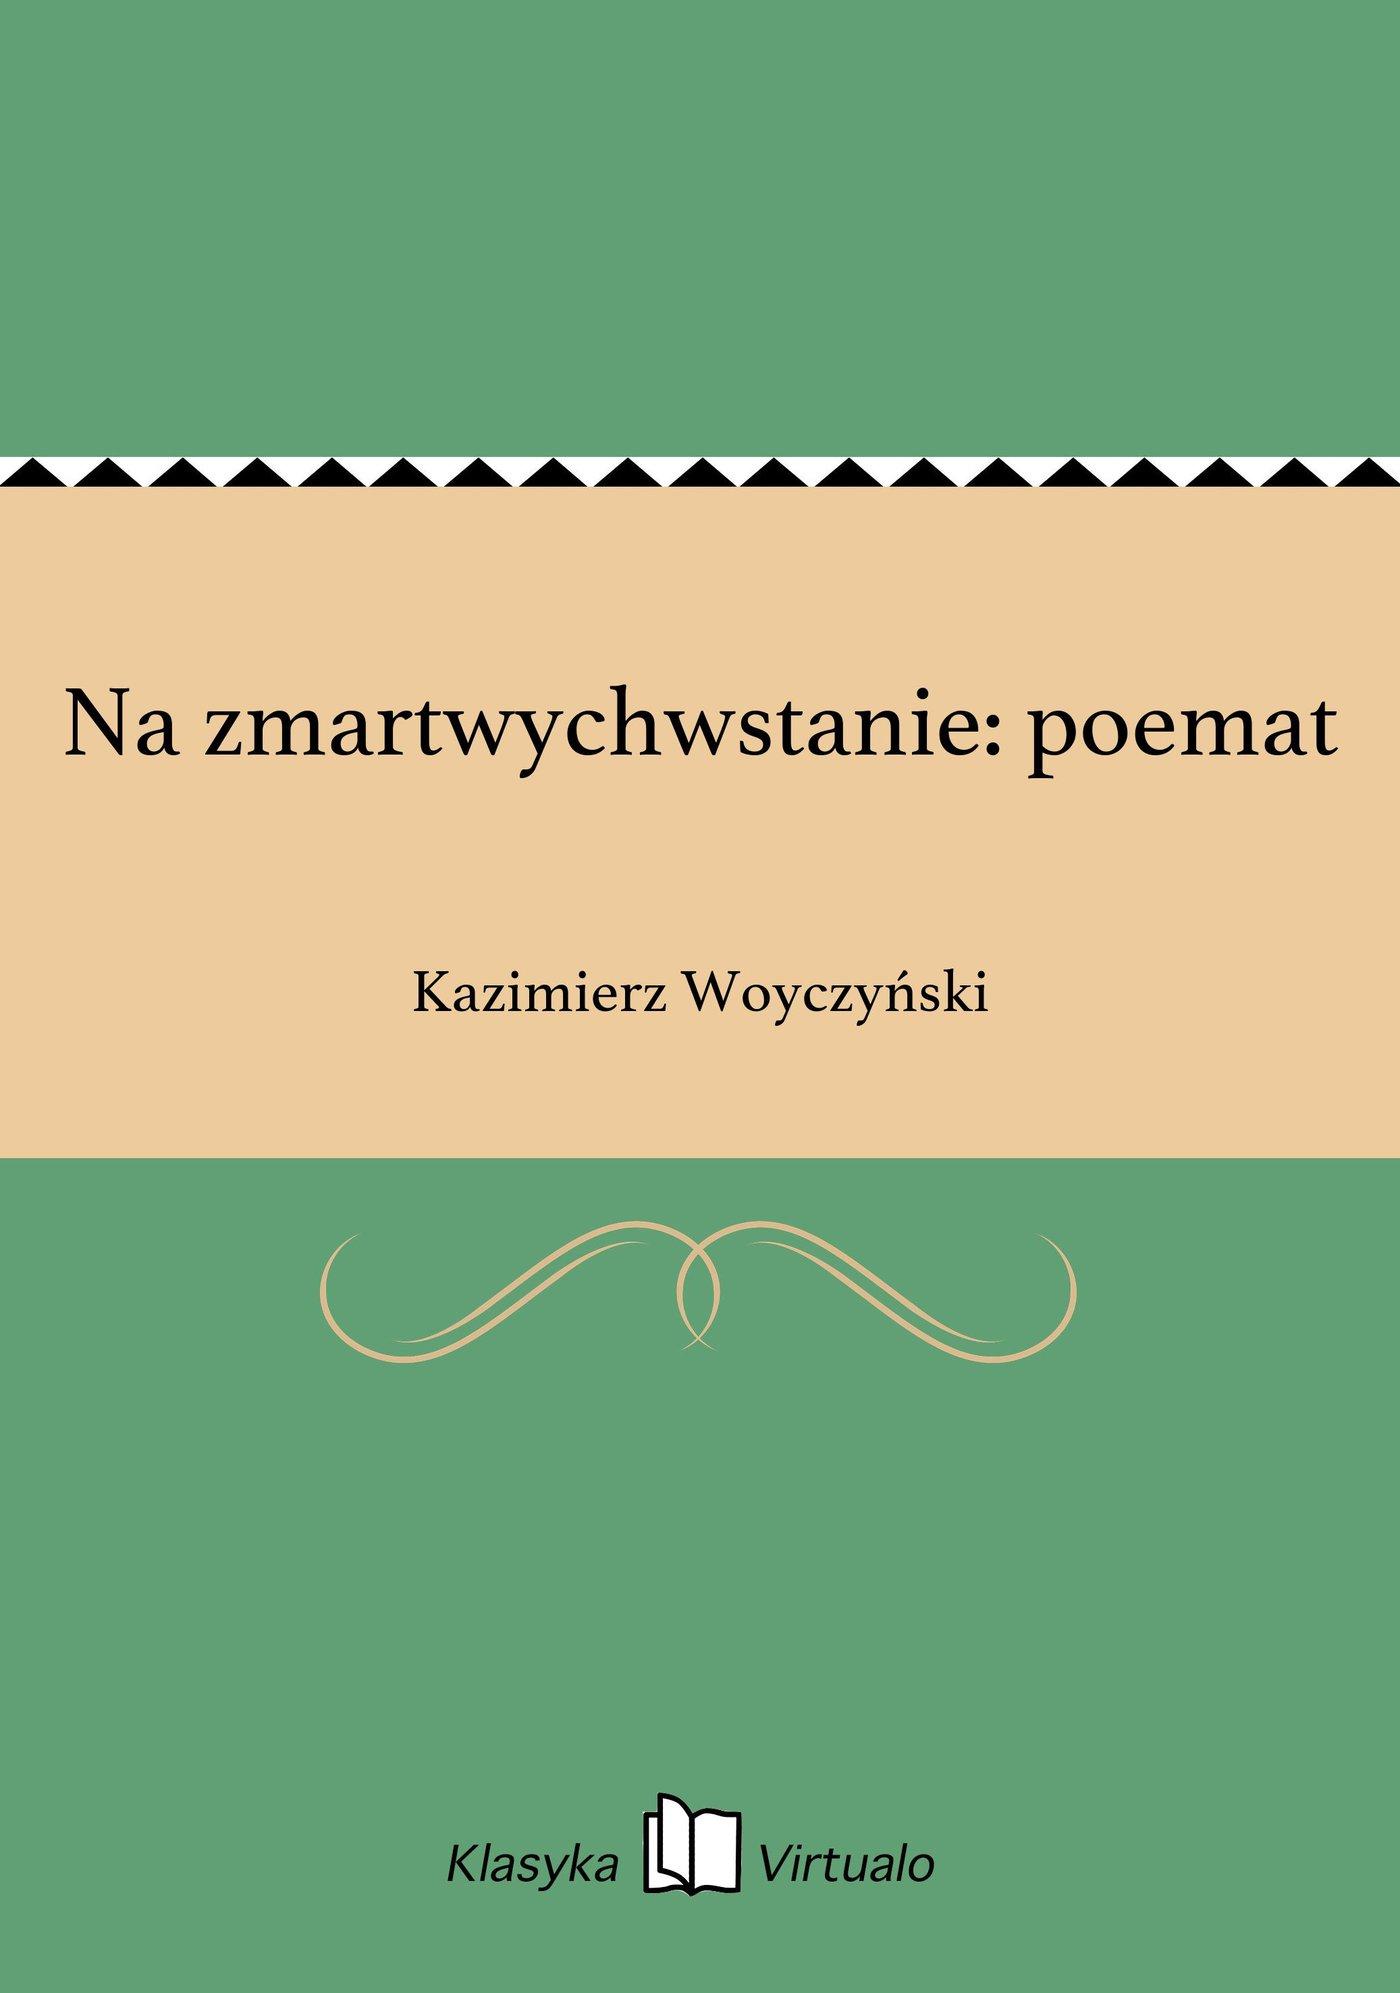 Na zmartwychwstanie: poemat - Ebook (Książka na Kindle) do pobrania w formacie MOBI